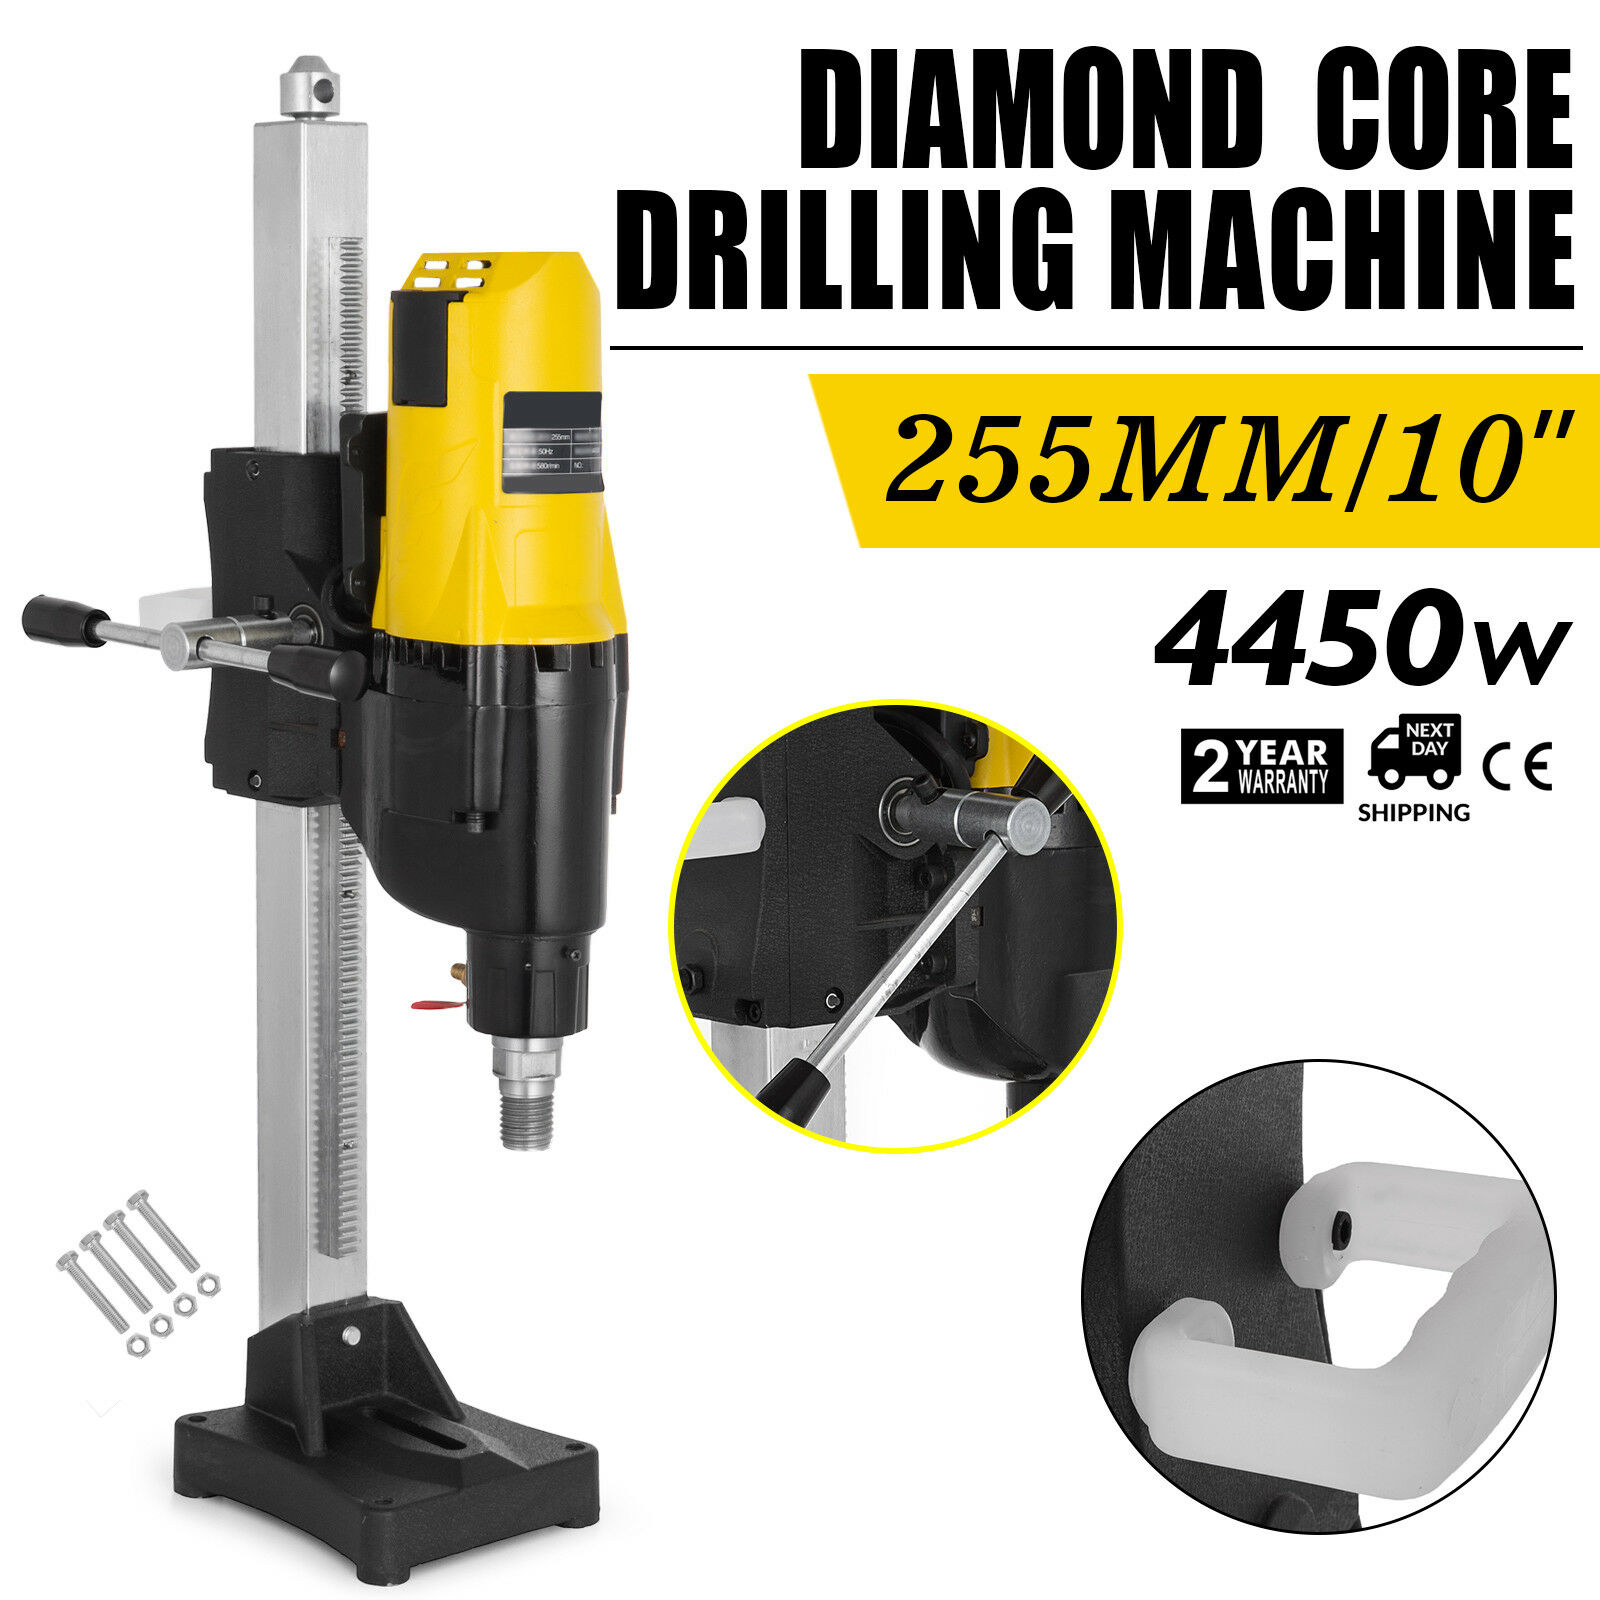 Perceuse à carottage diamant à vitesse Variable humide/sèche Ø 255mm avec support 4450w